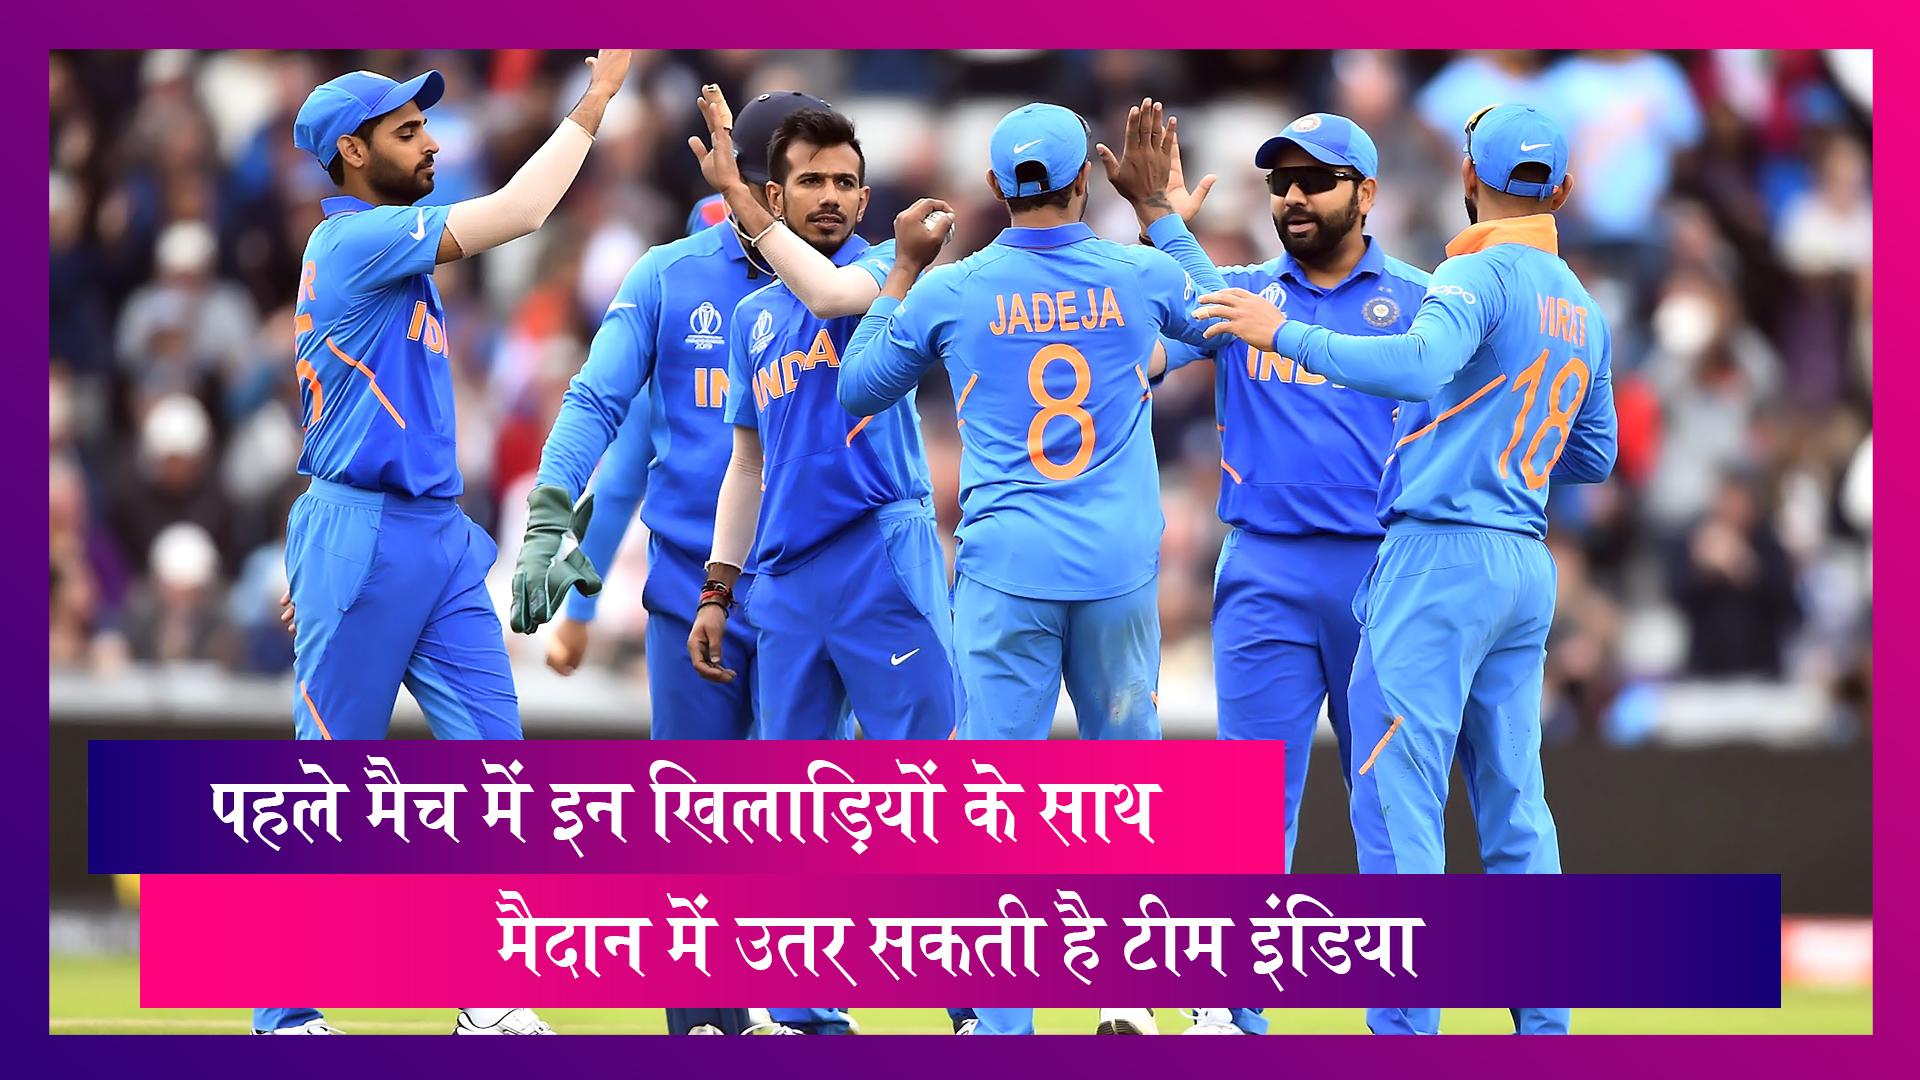 IND VS WI 1st ODI 2019: पहले मैच में इन खिलाड़ियों के साथ उतर सकते हैं विराट कोहली